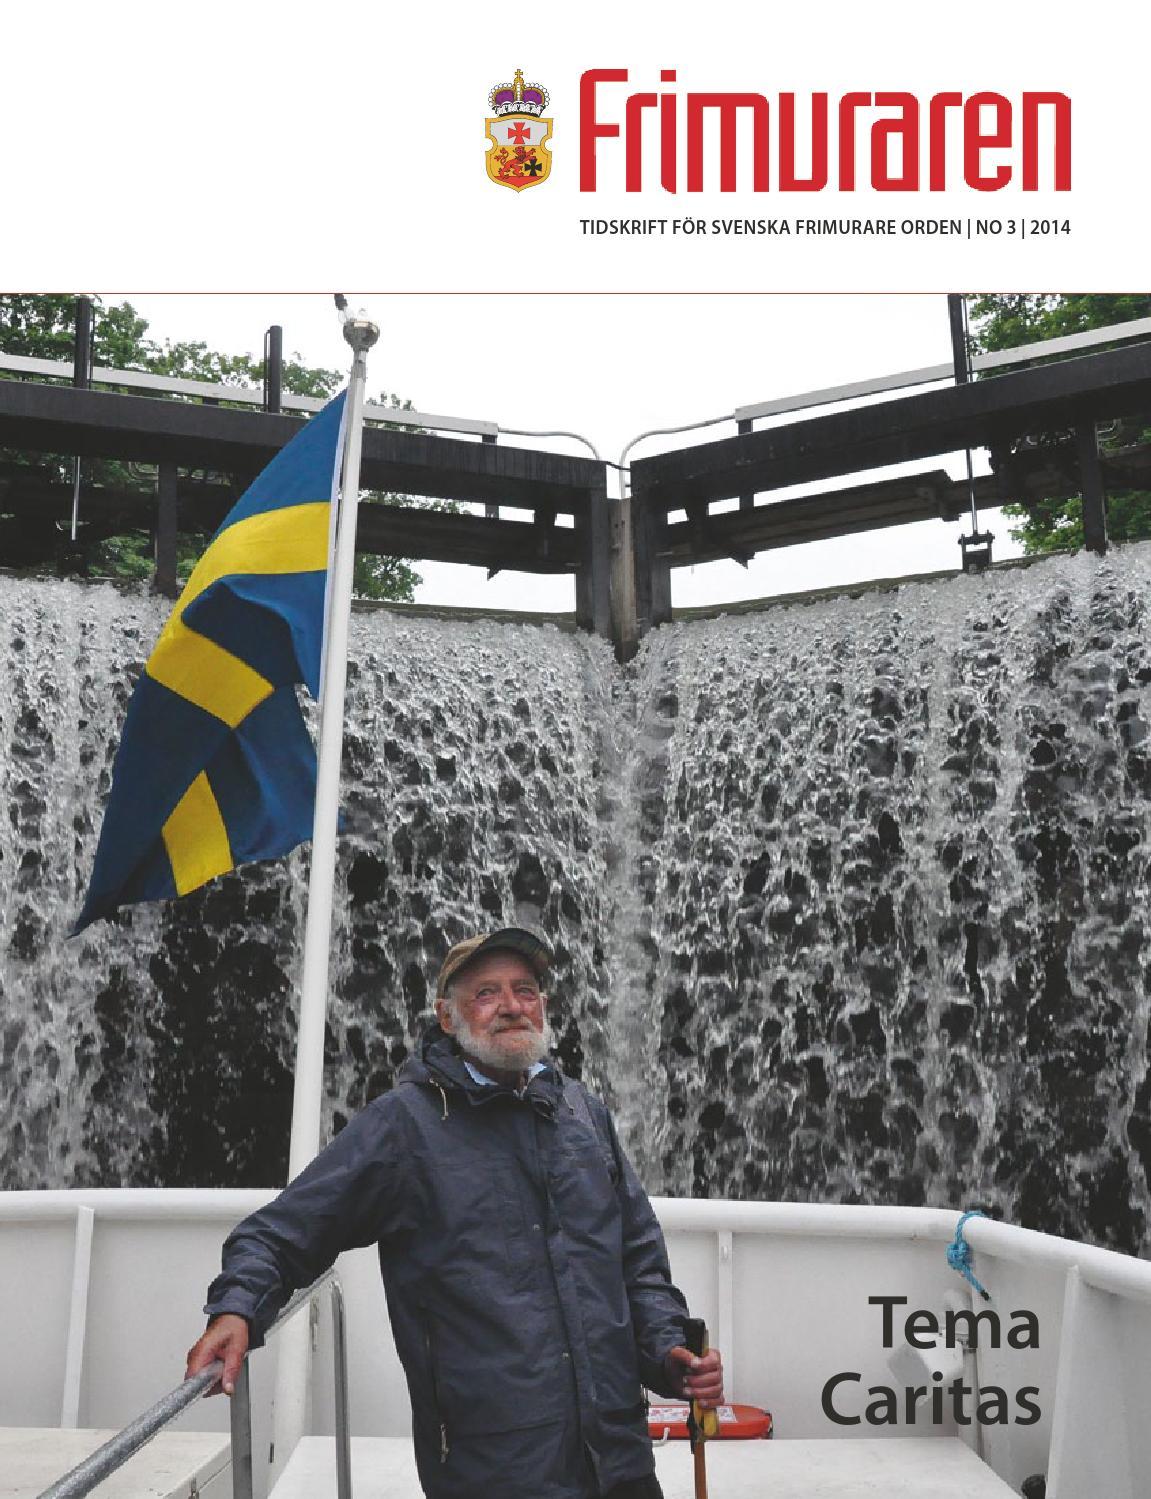 Frimuraren nummer 3 2007 by svenska frimurare orden   issuu